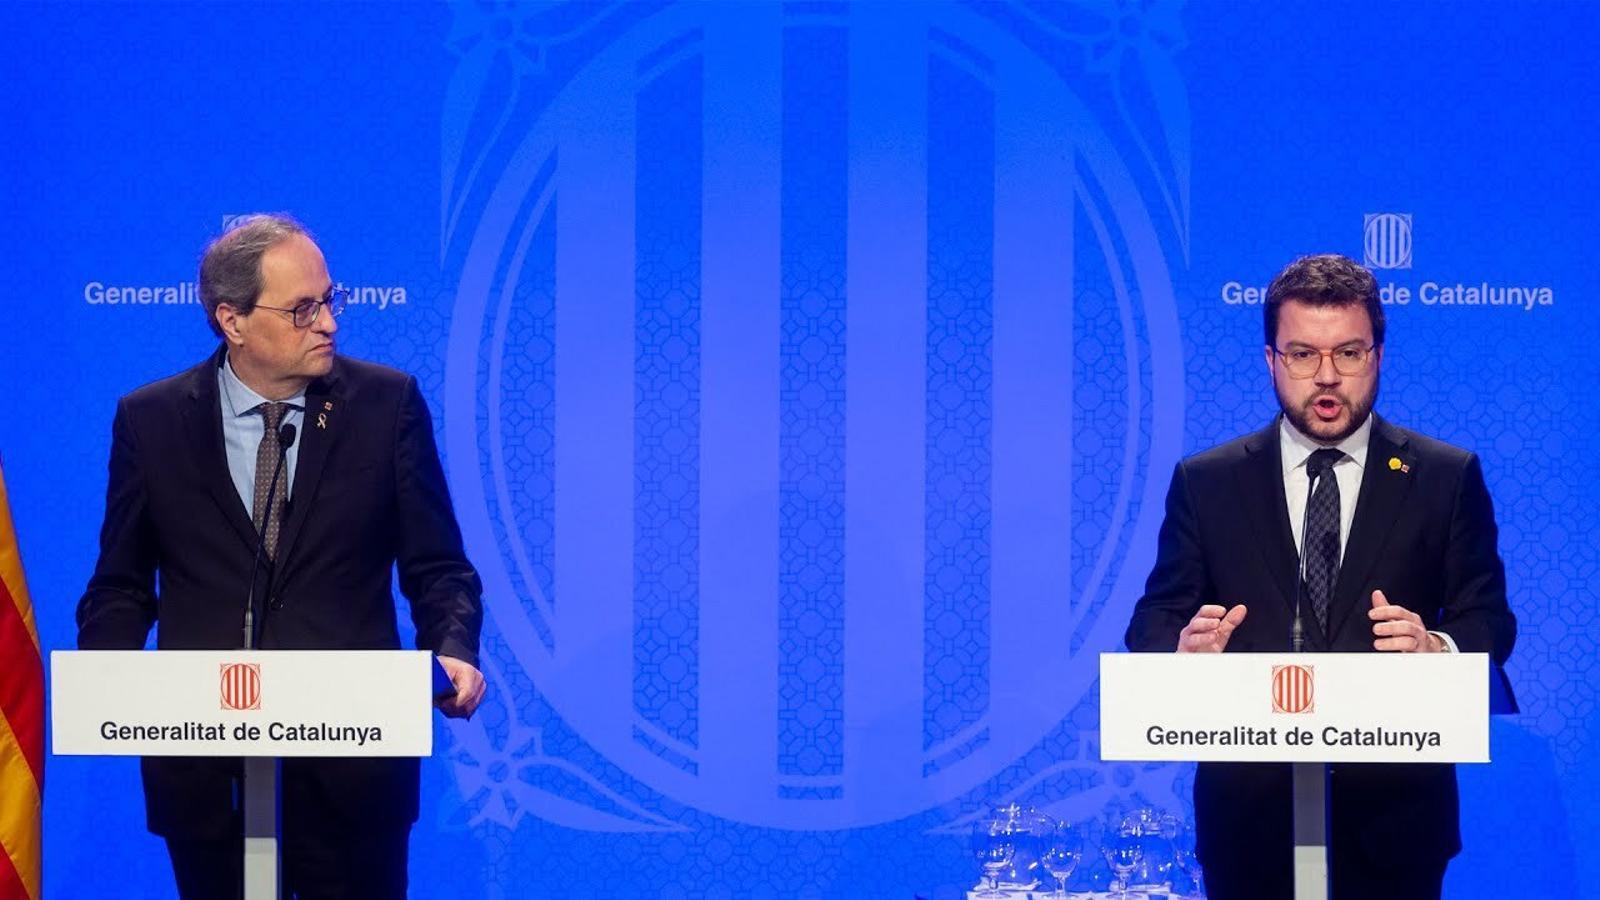 L'anàlisi d'Antoni Bassas: 'Un govern, dos camins cap a la independència'